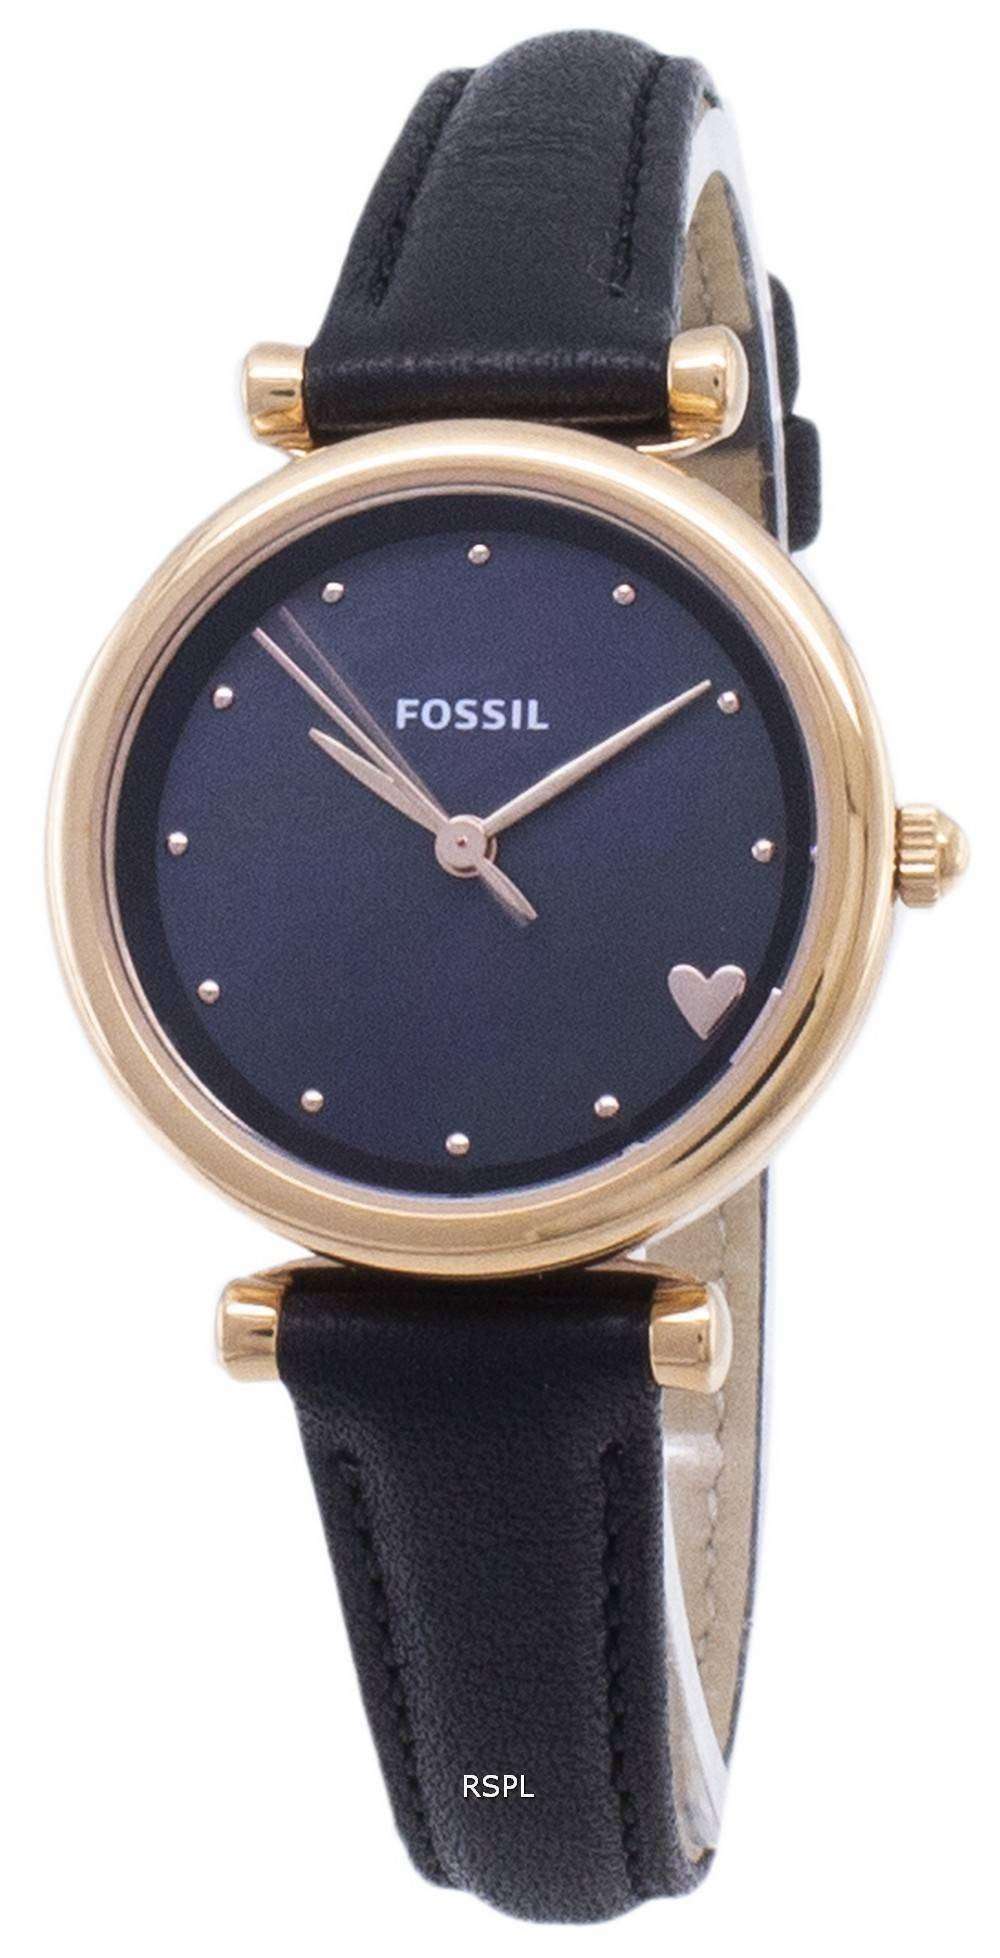 화석 Carlie 미니 ES4504 쿼 츠 아날로그 여성 시계